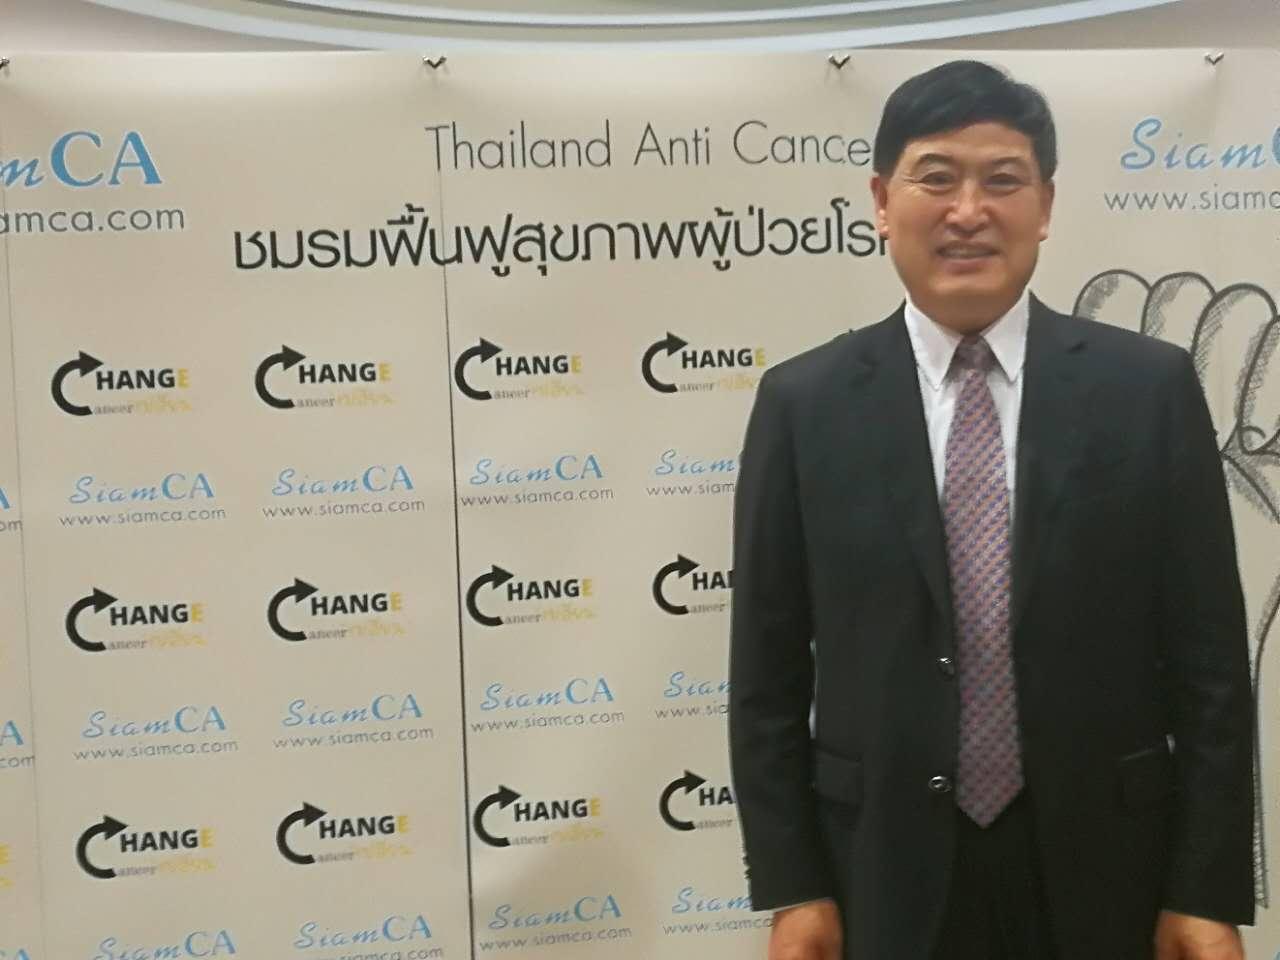 王振国教授泰国讲学